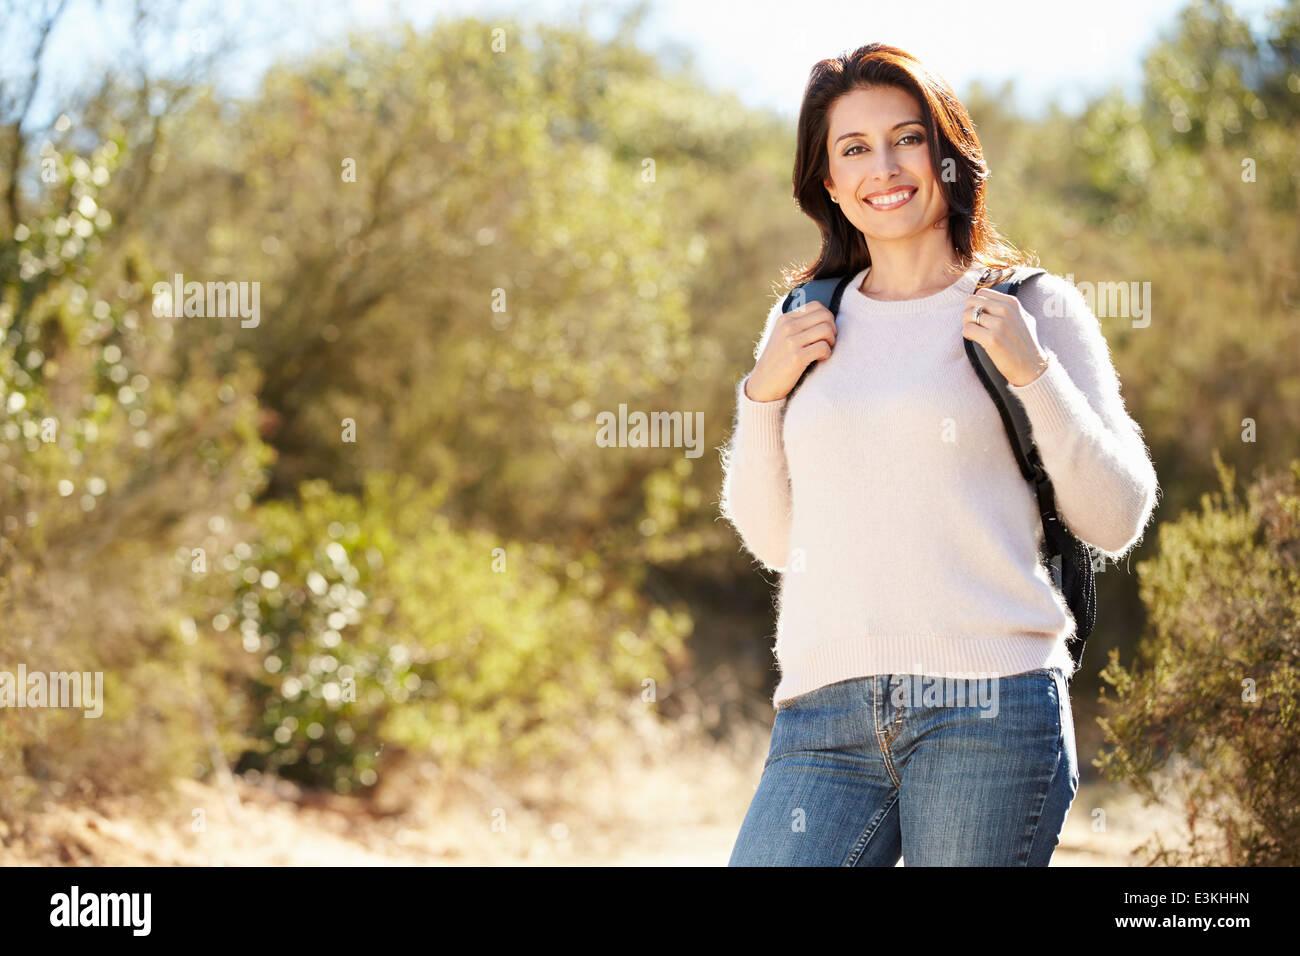 Ritratto di donna escursioni in campagna indossando uno zaino Immagini Stock